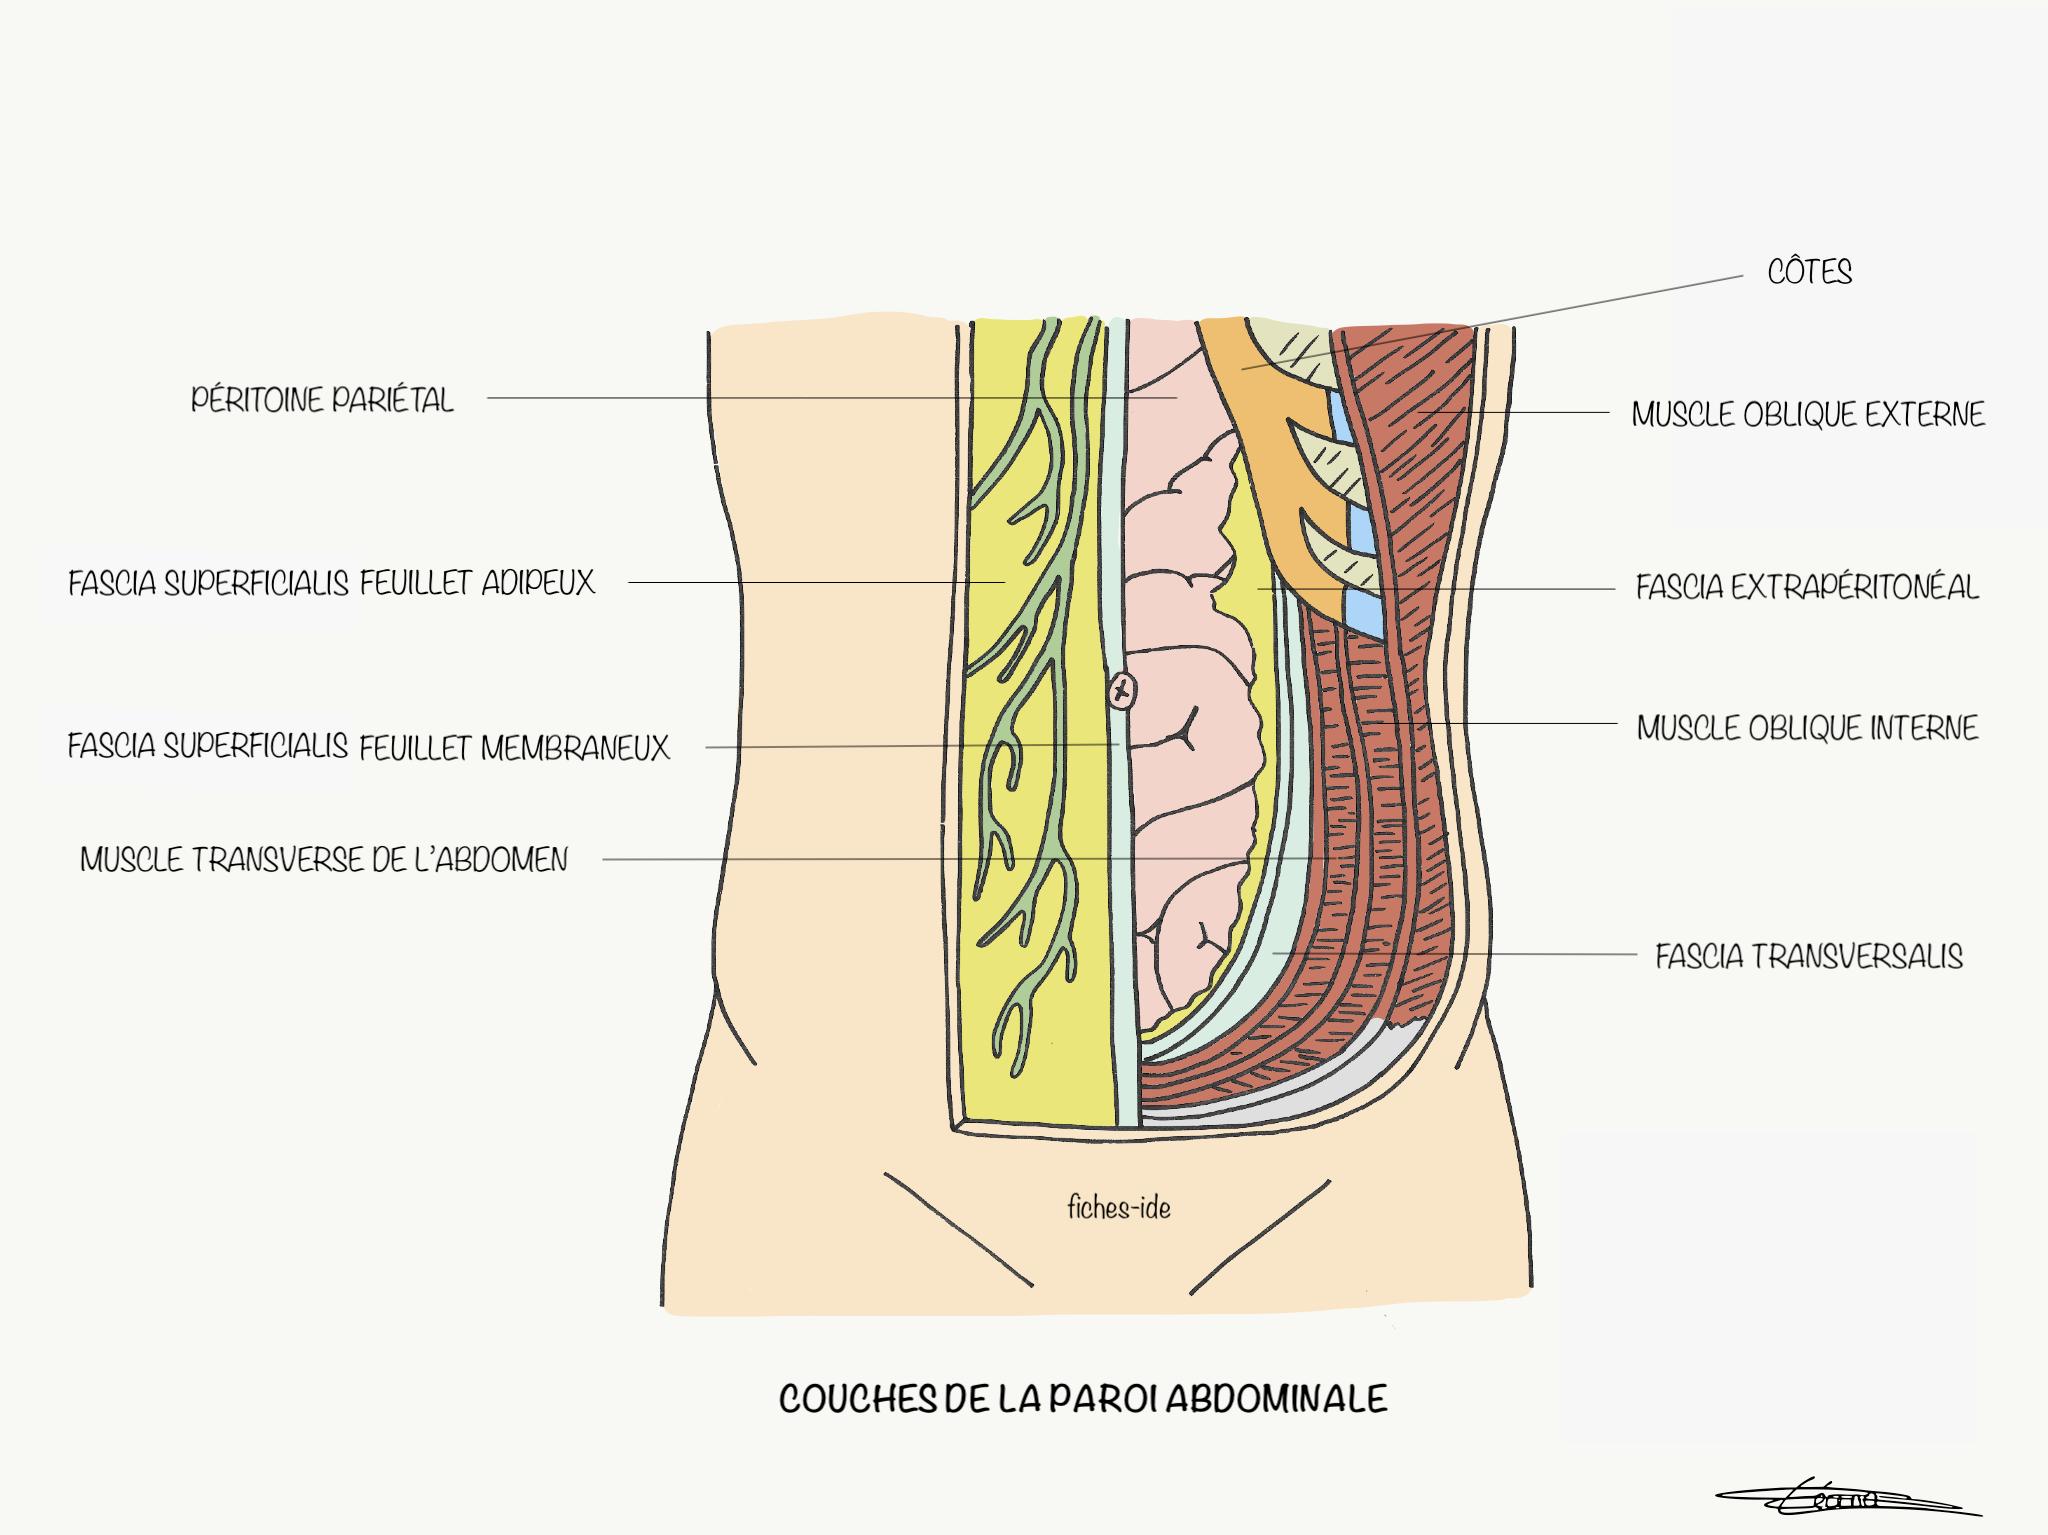 couches de la paroi abdominale